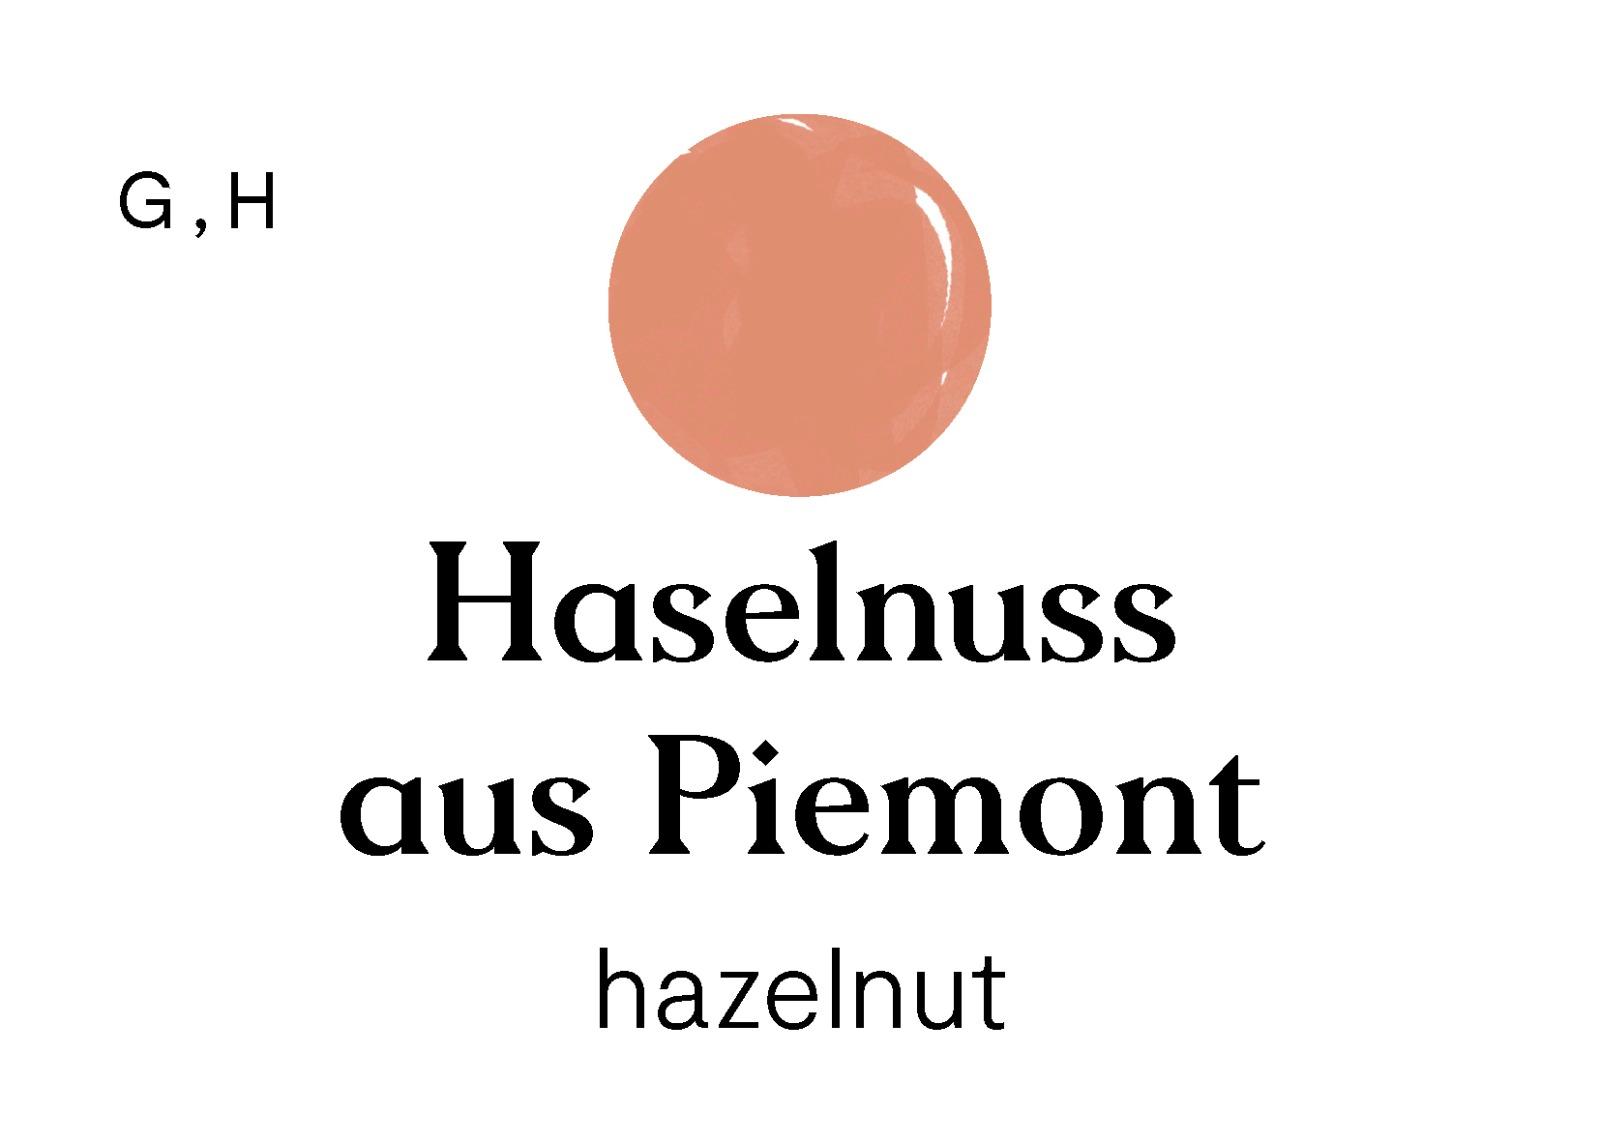 Haselnuss aus Piemont